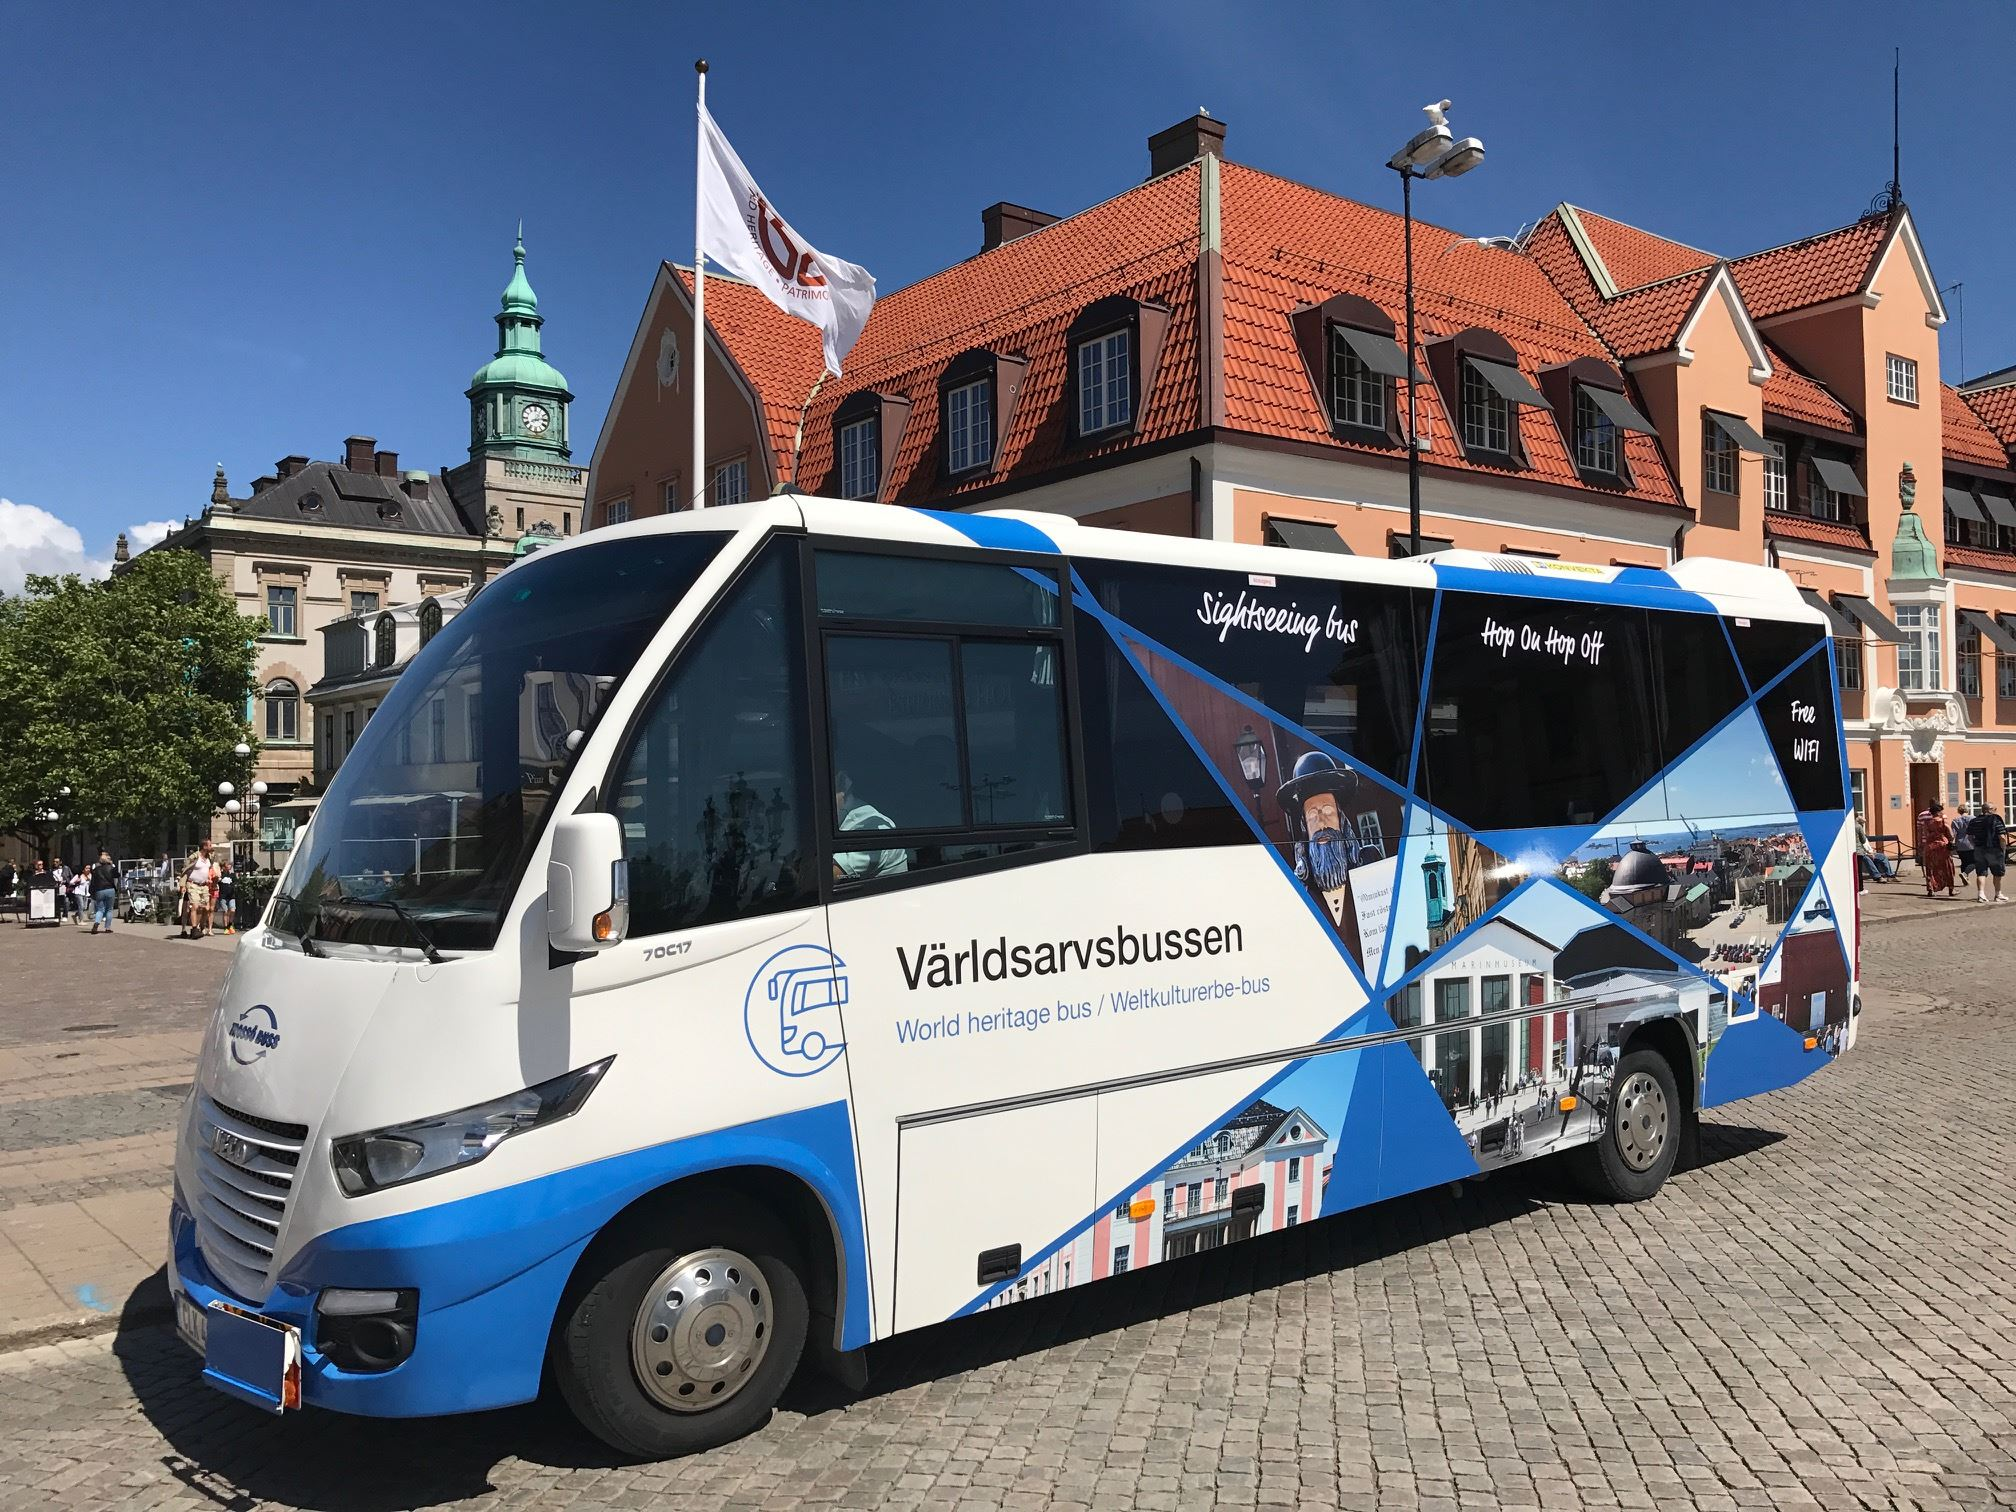 Världsarvsbussen i Karlskrona, en sightseeingbuss